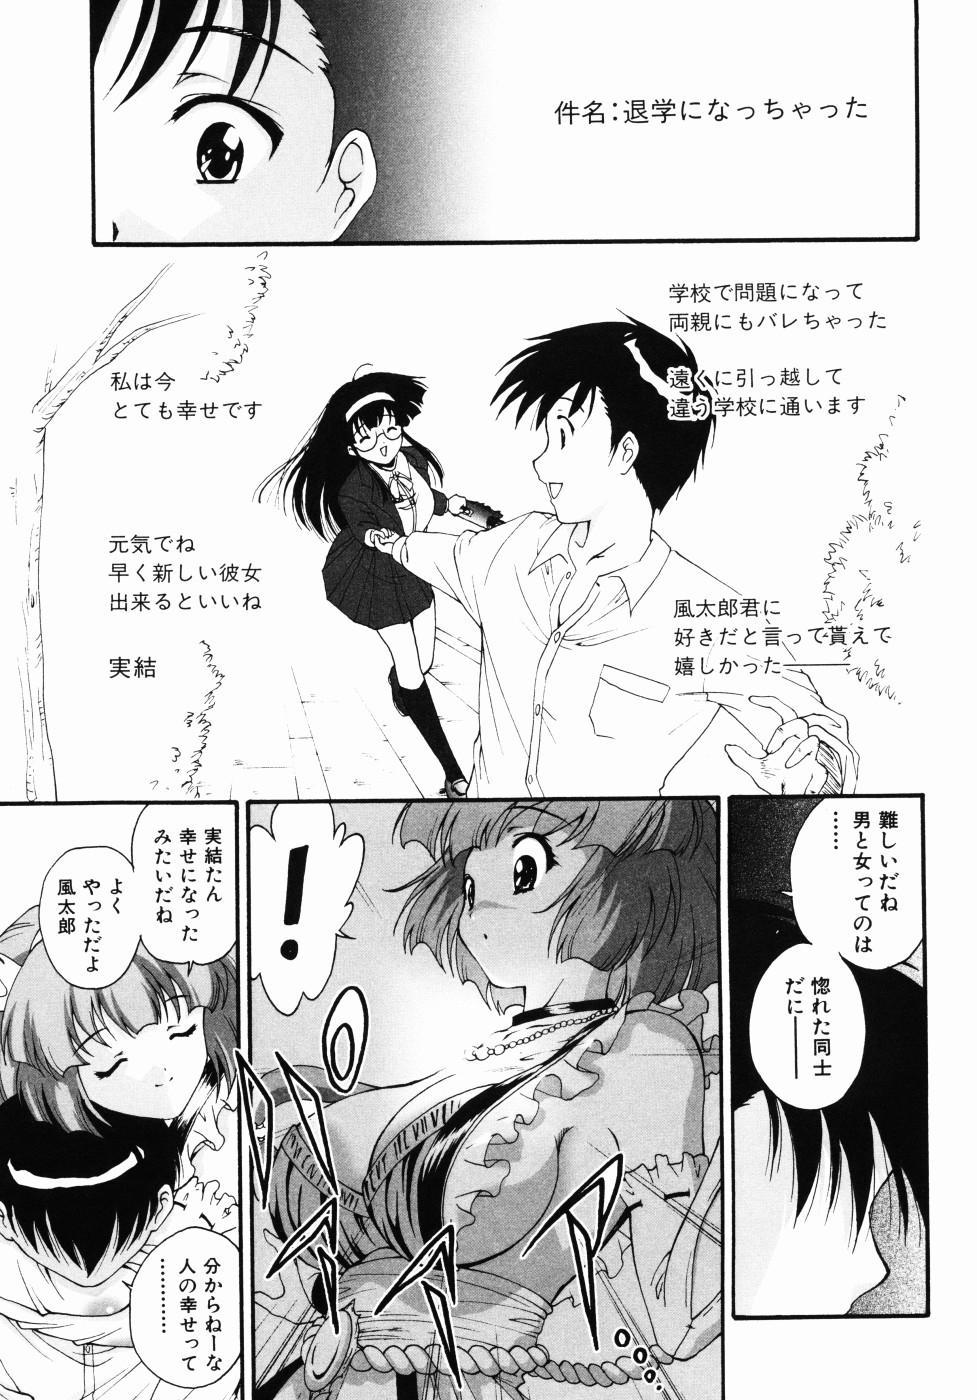 Daikyou Megami 53